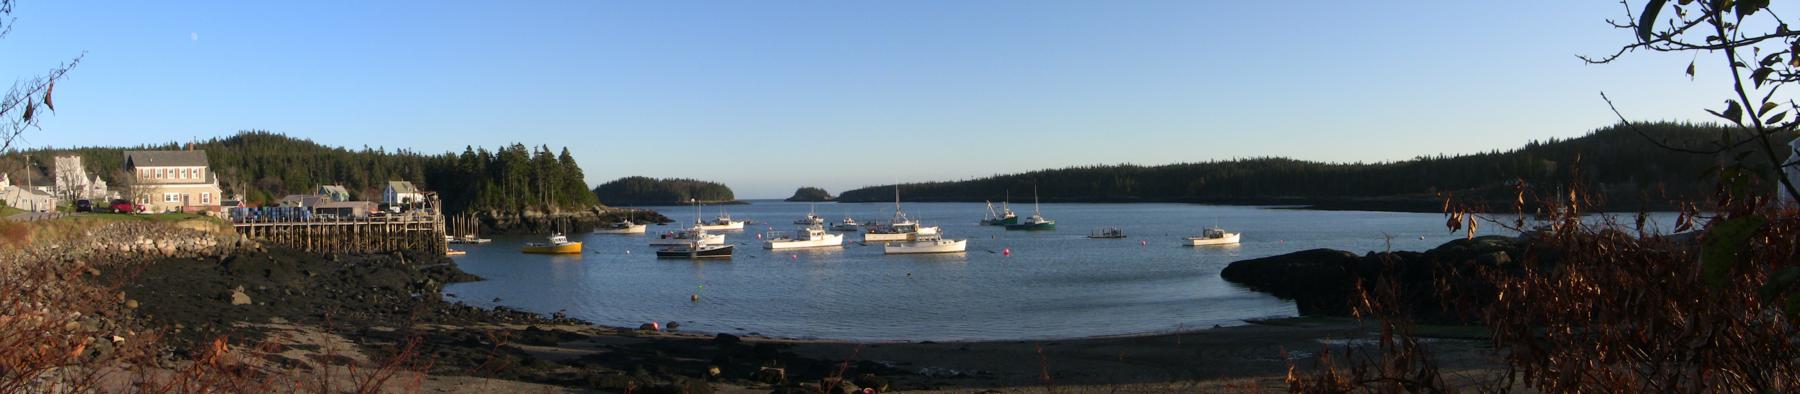 Panorama of Cutler Harbor in November